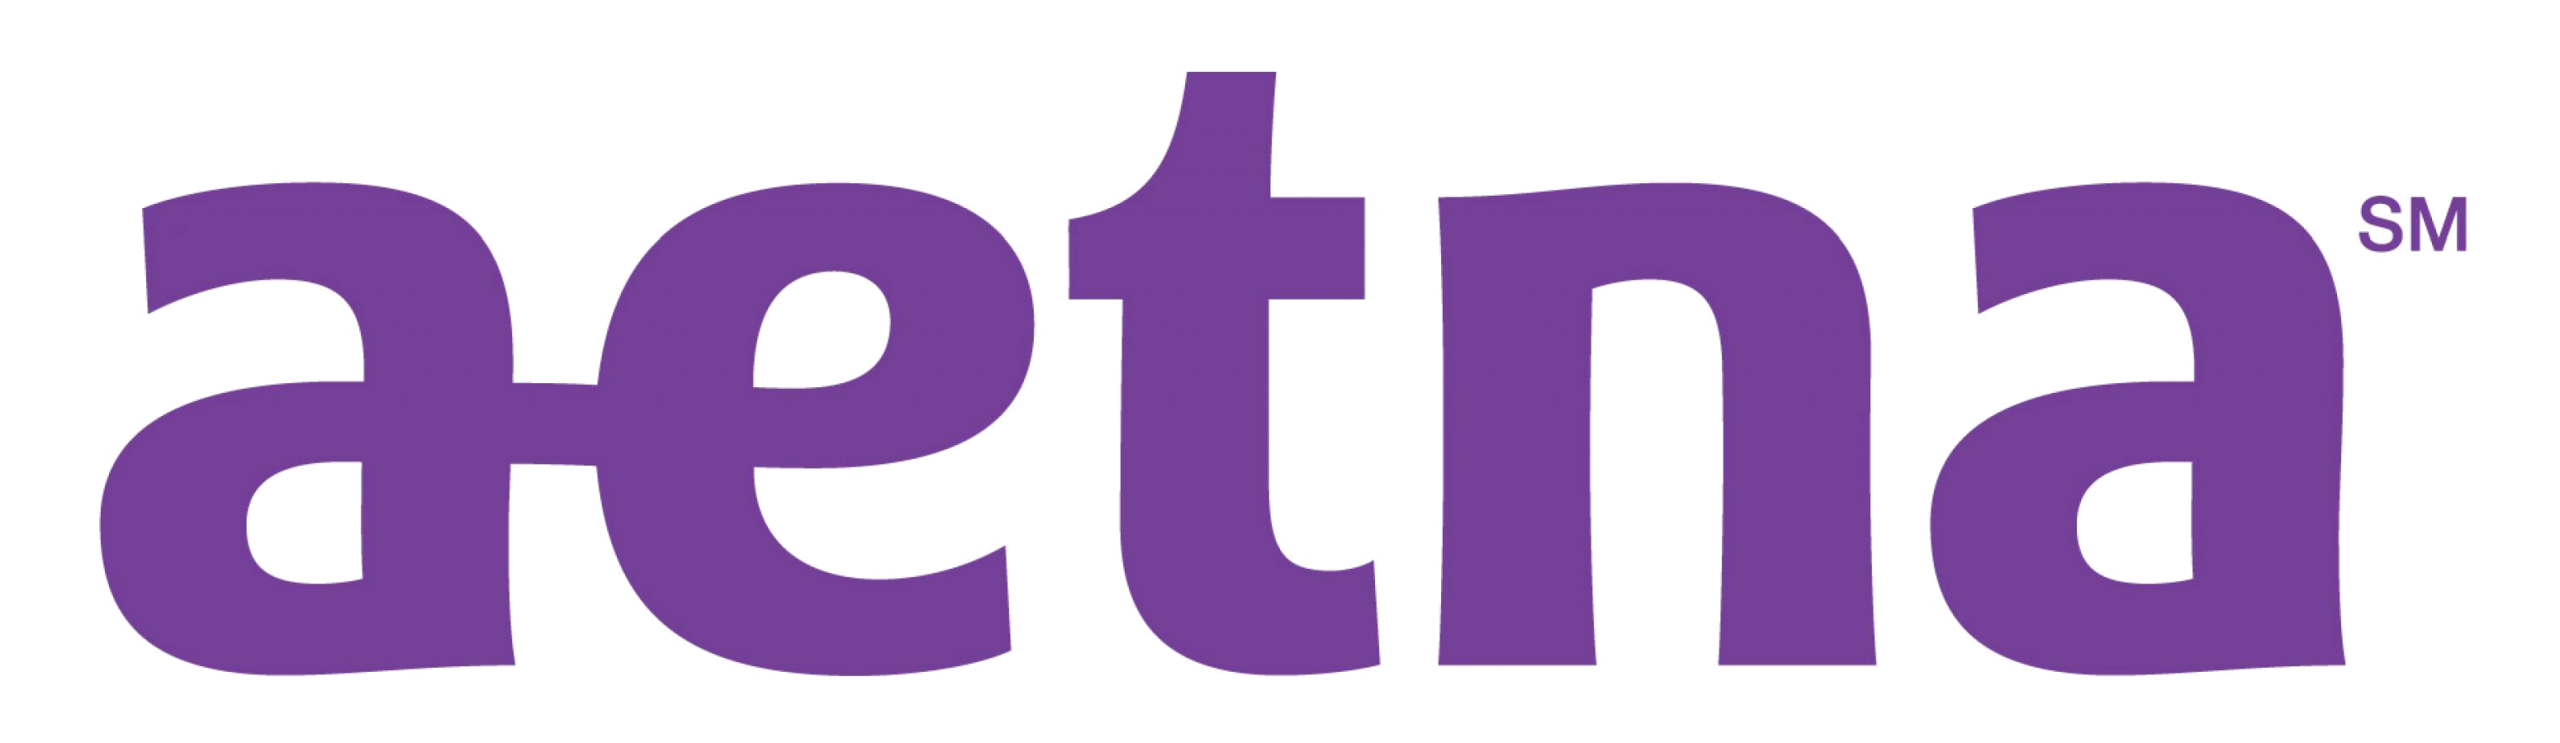 Insurer logo